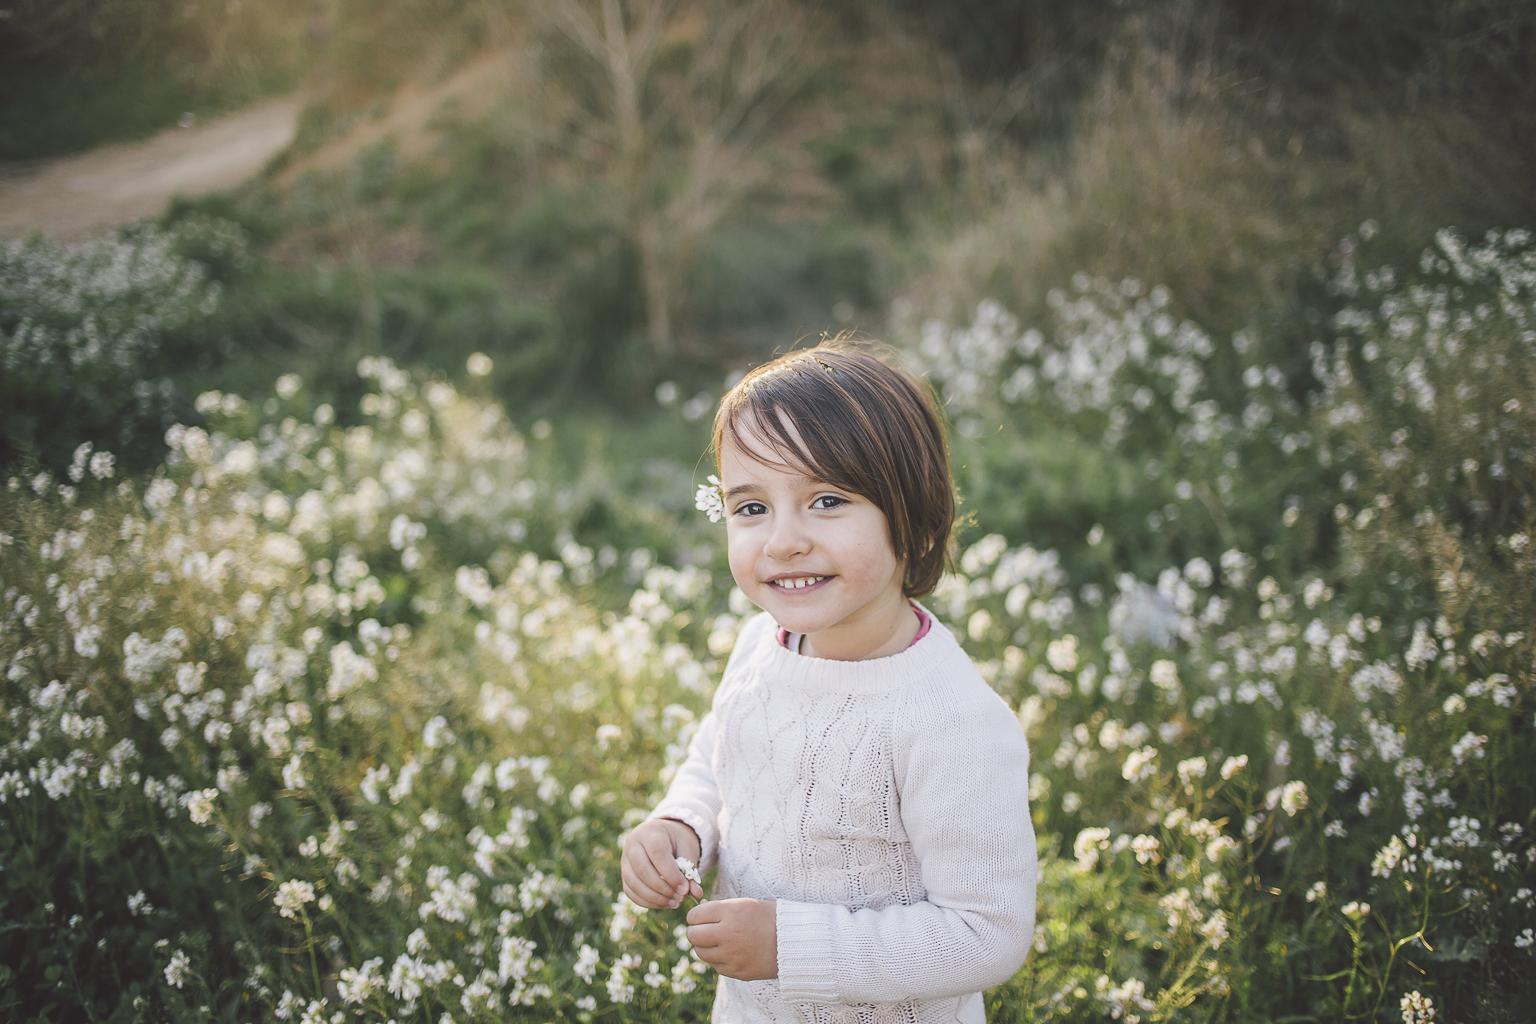 fotógrafo familiar Sant Cugat :: Fotógrafo de familia en sant cugat :: Fotógrafo de bebé en casa :: Fotografía de bebé en Sant Cugat :: Pi d'en Xandri